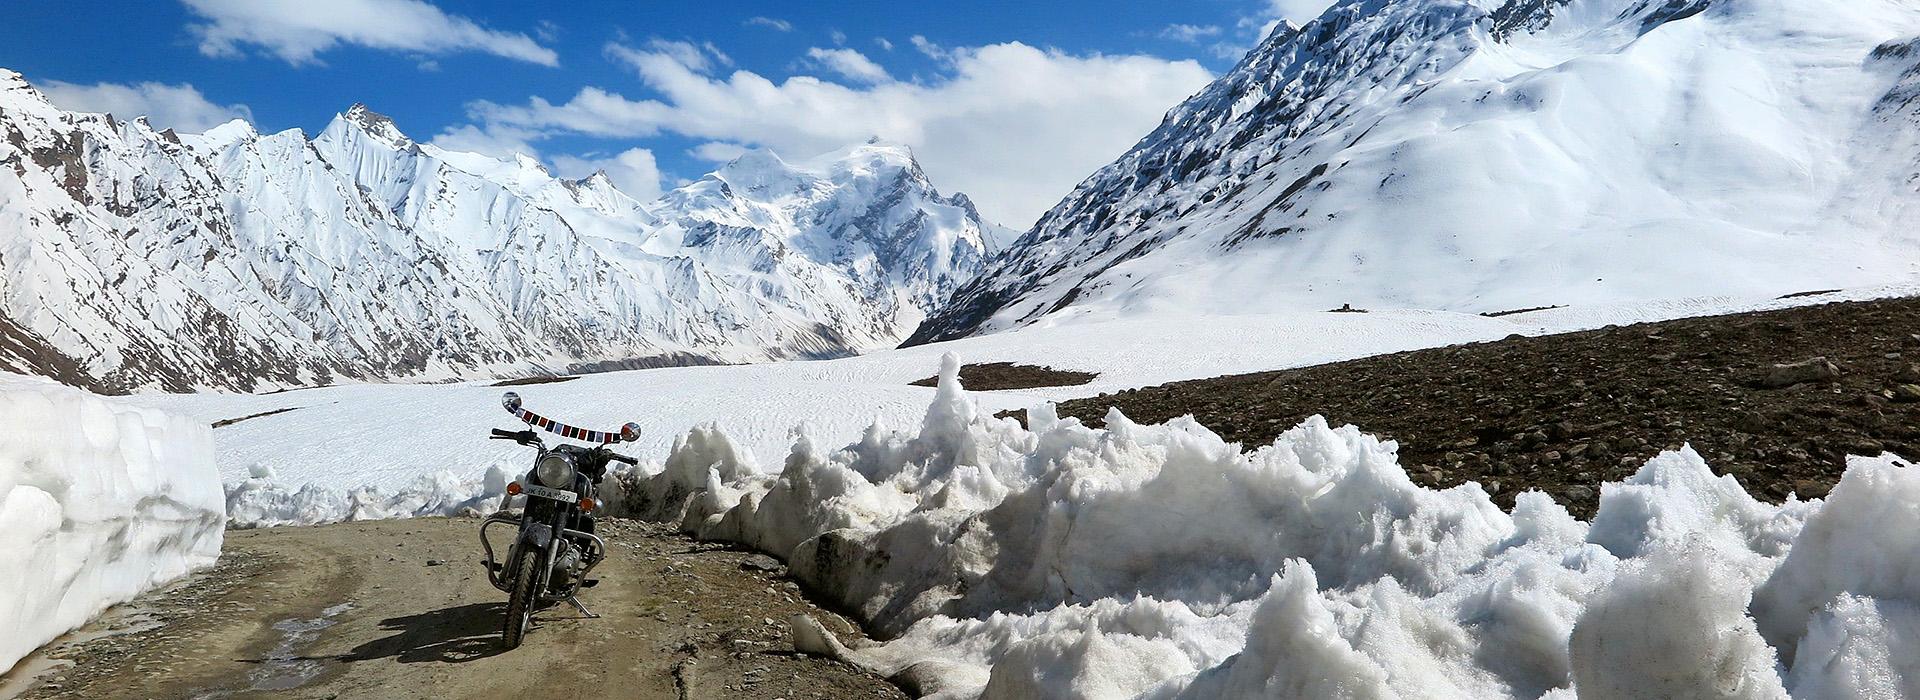 Motorreis waarbij de Himalaya twee keer wordt doorgestoken. Een reis van Travel 2 Explore motorreizen